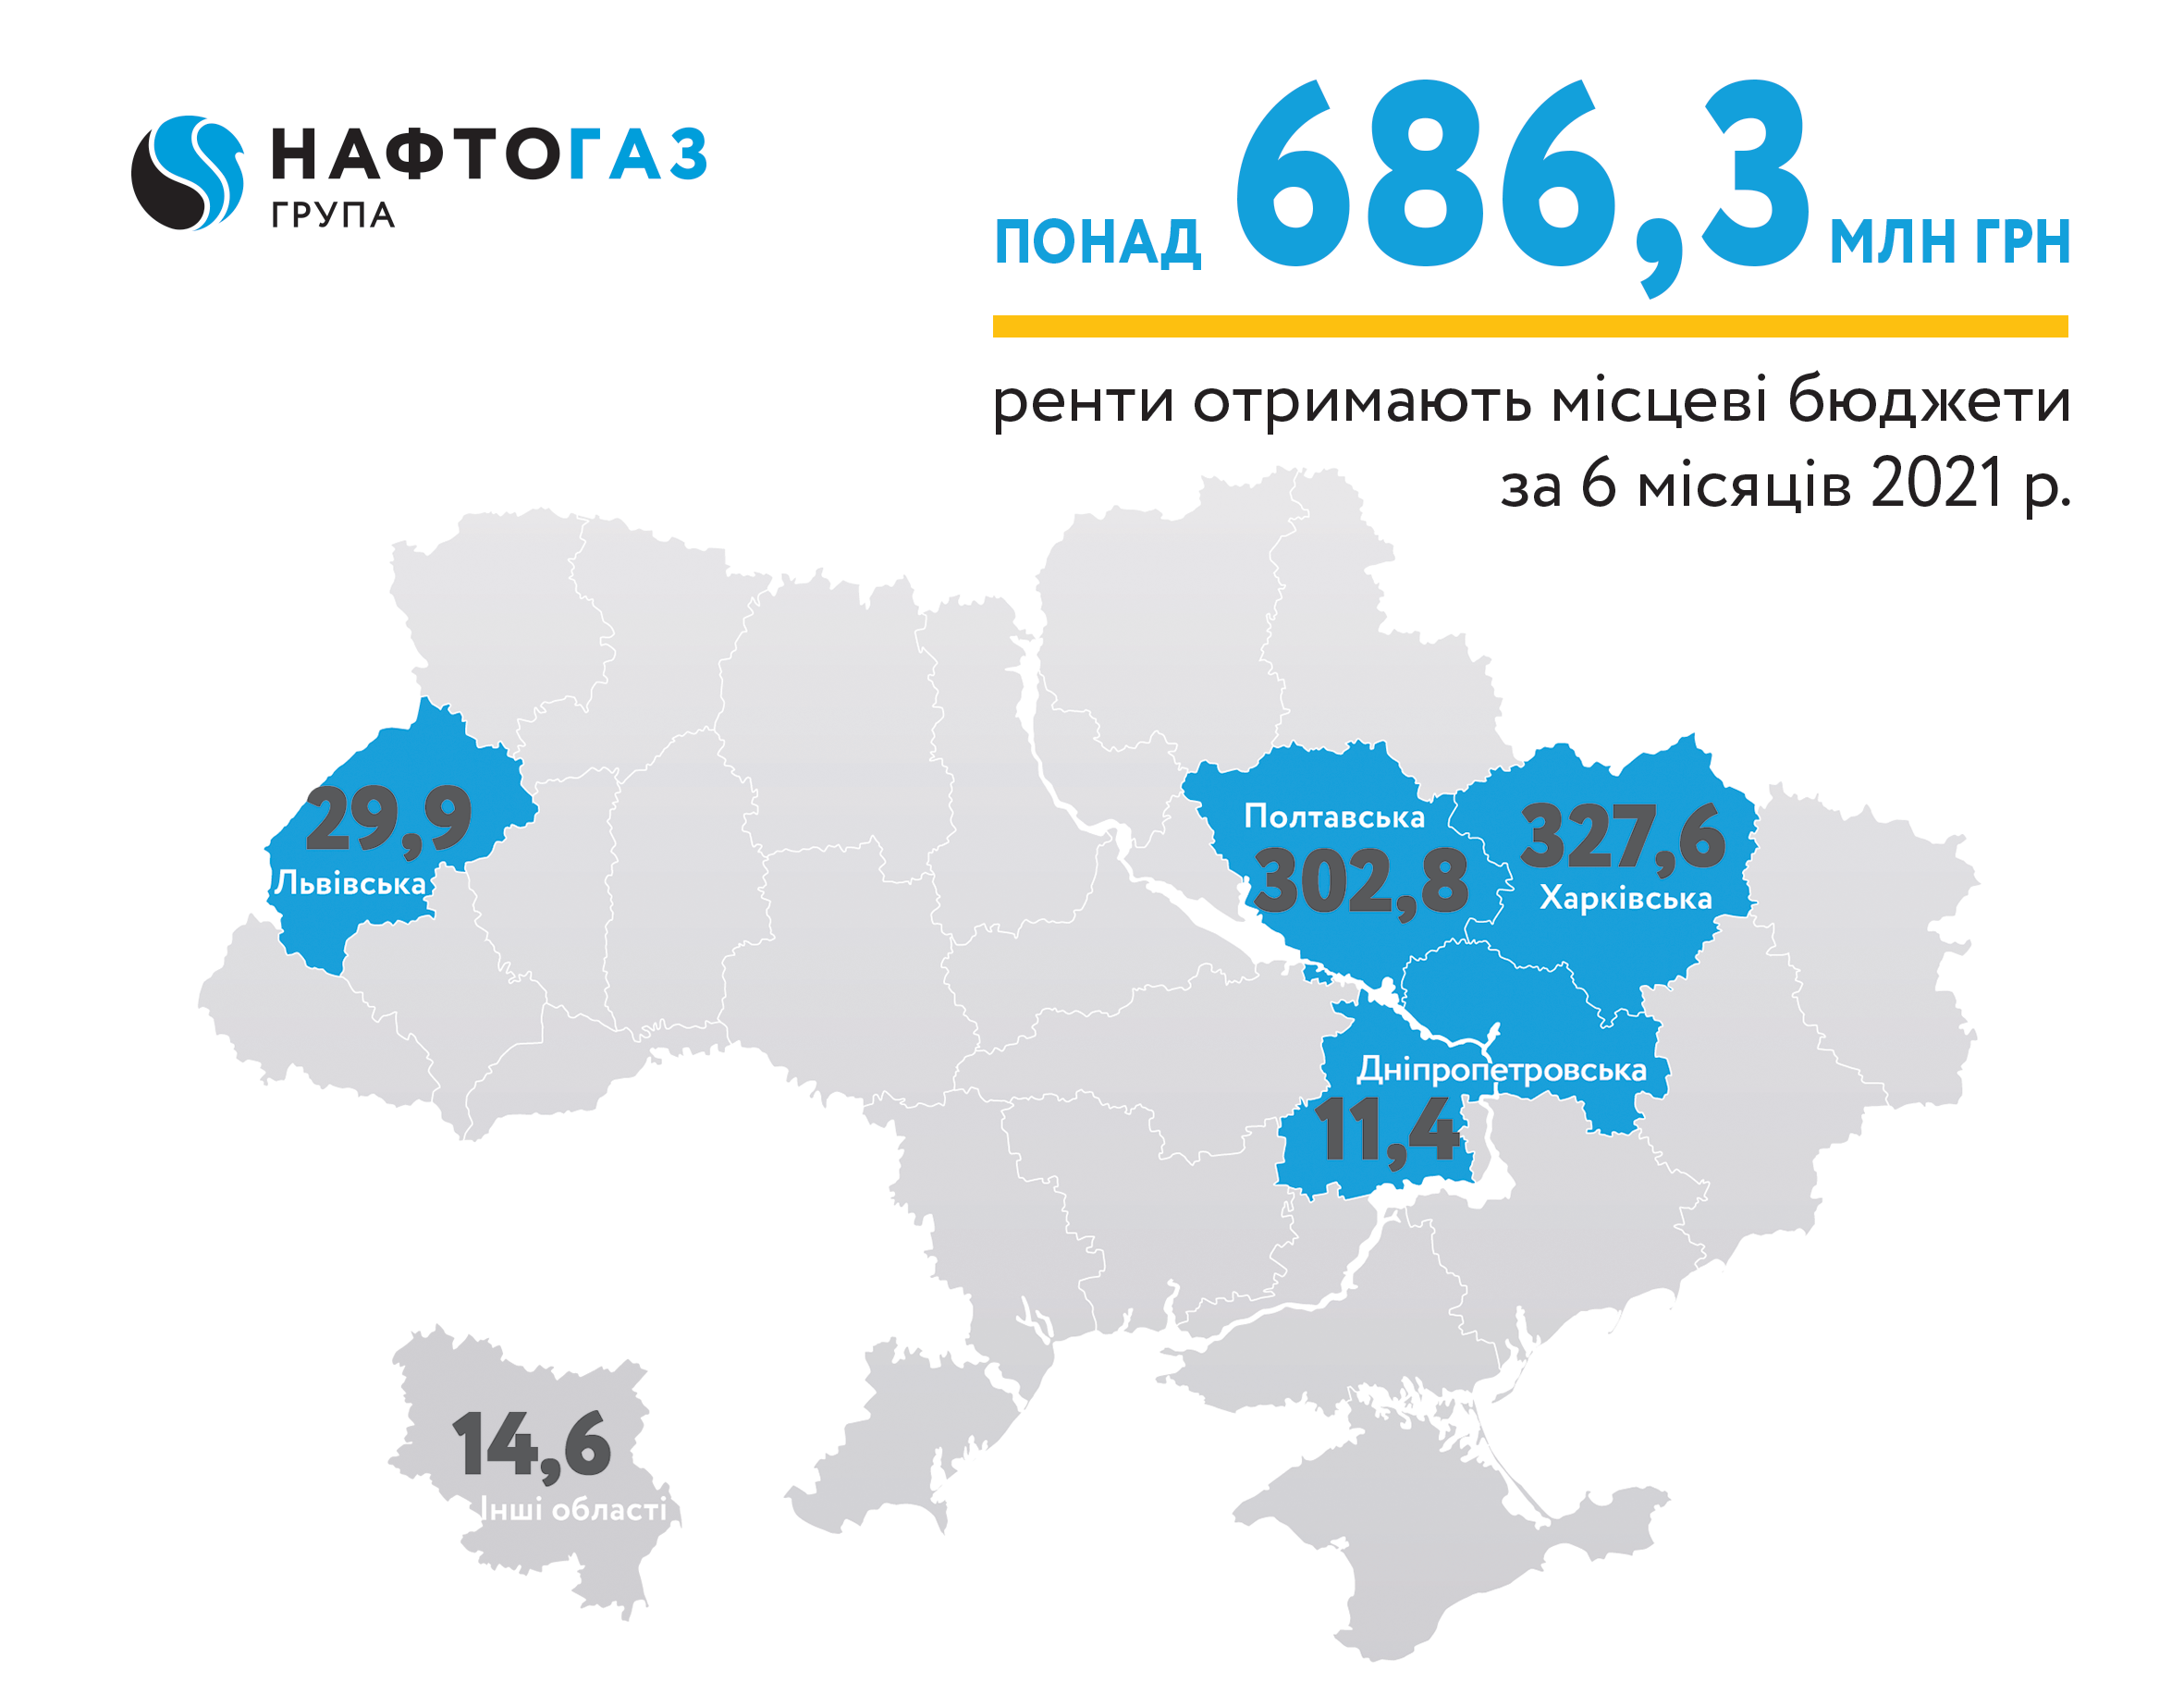 Укргазвидобування за 6 місяців 2021 року спрямувало понад 686 млн грн рентних платежів до місцевих бюджетів